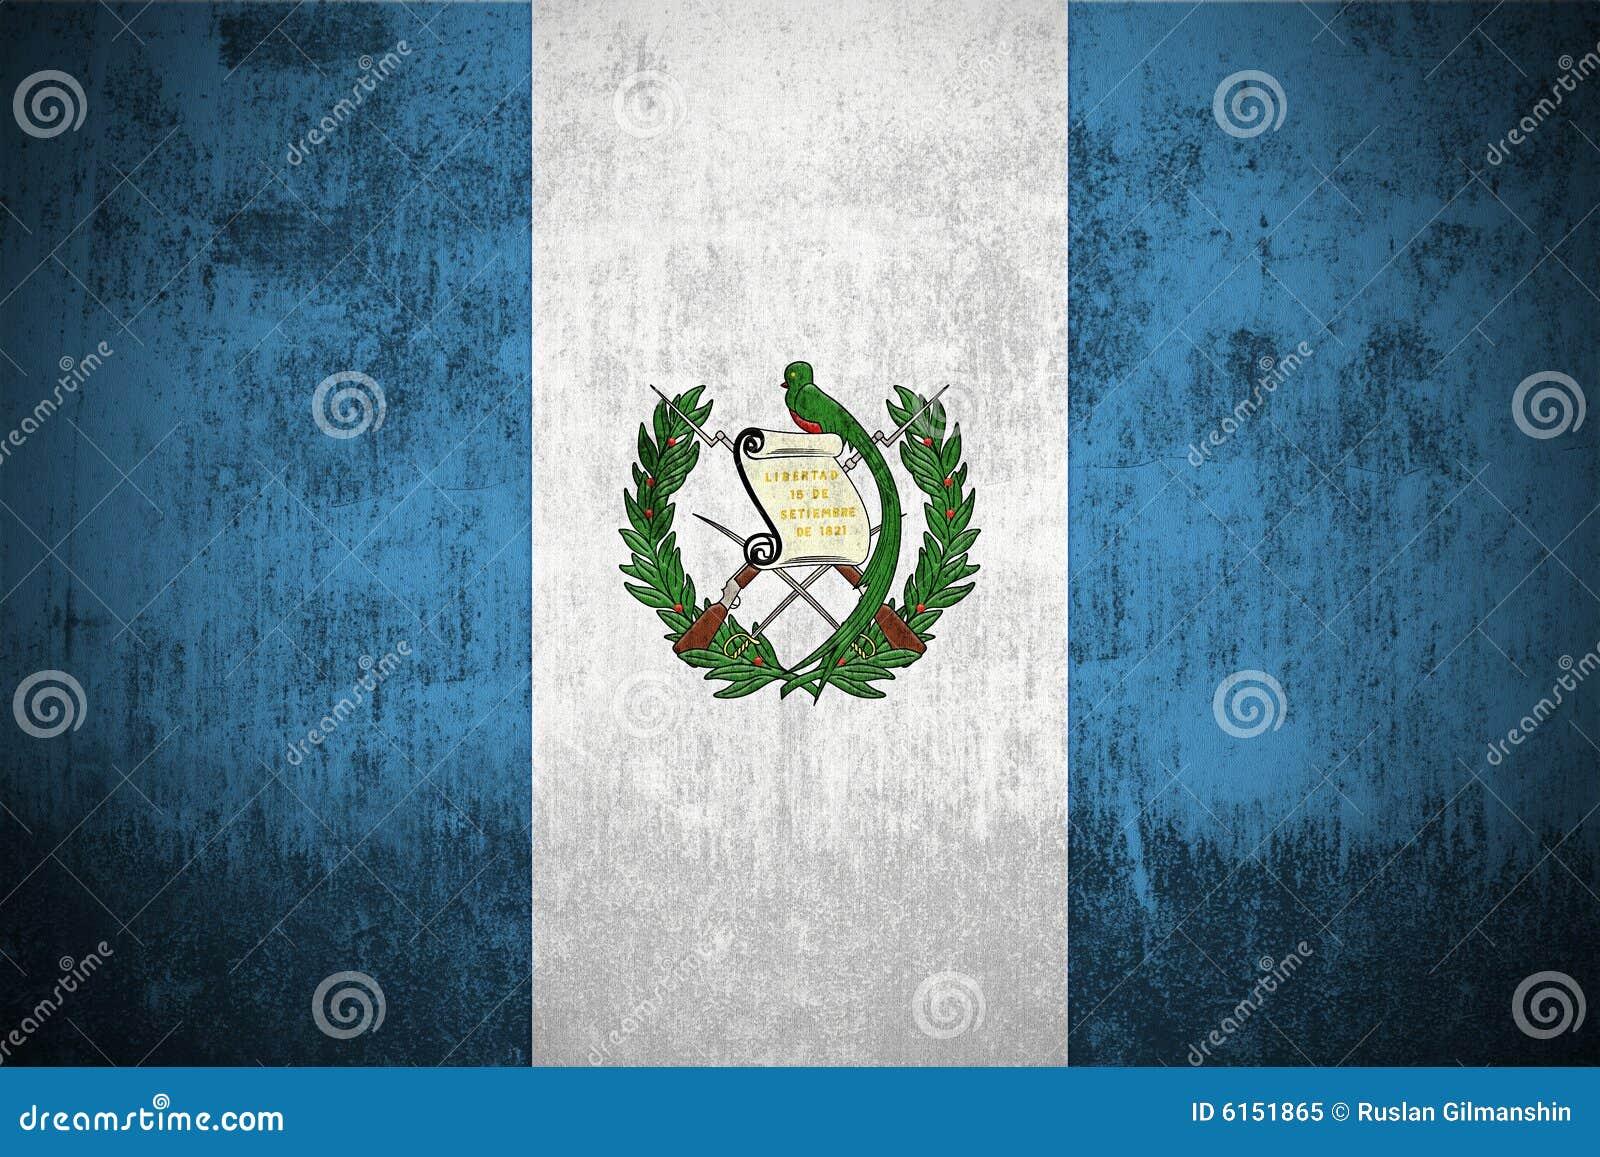 guatemala grunge flag by - photo #11